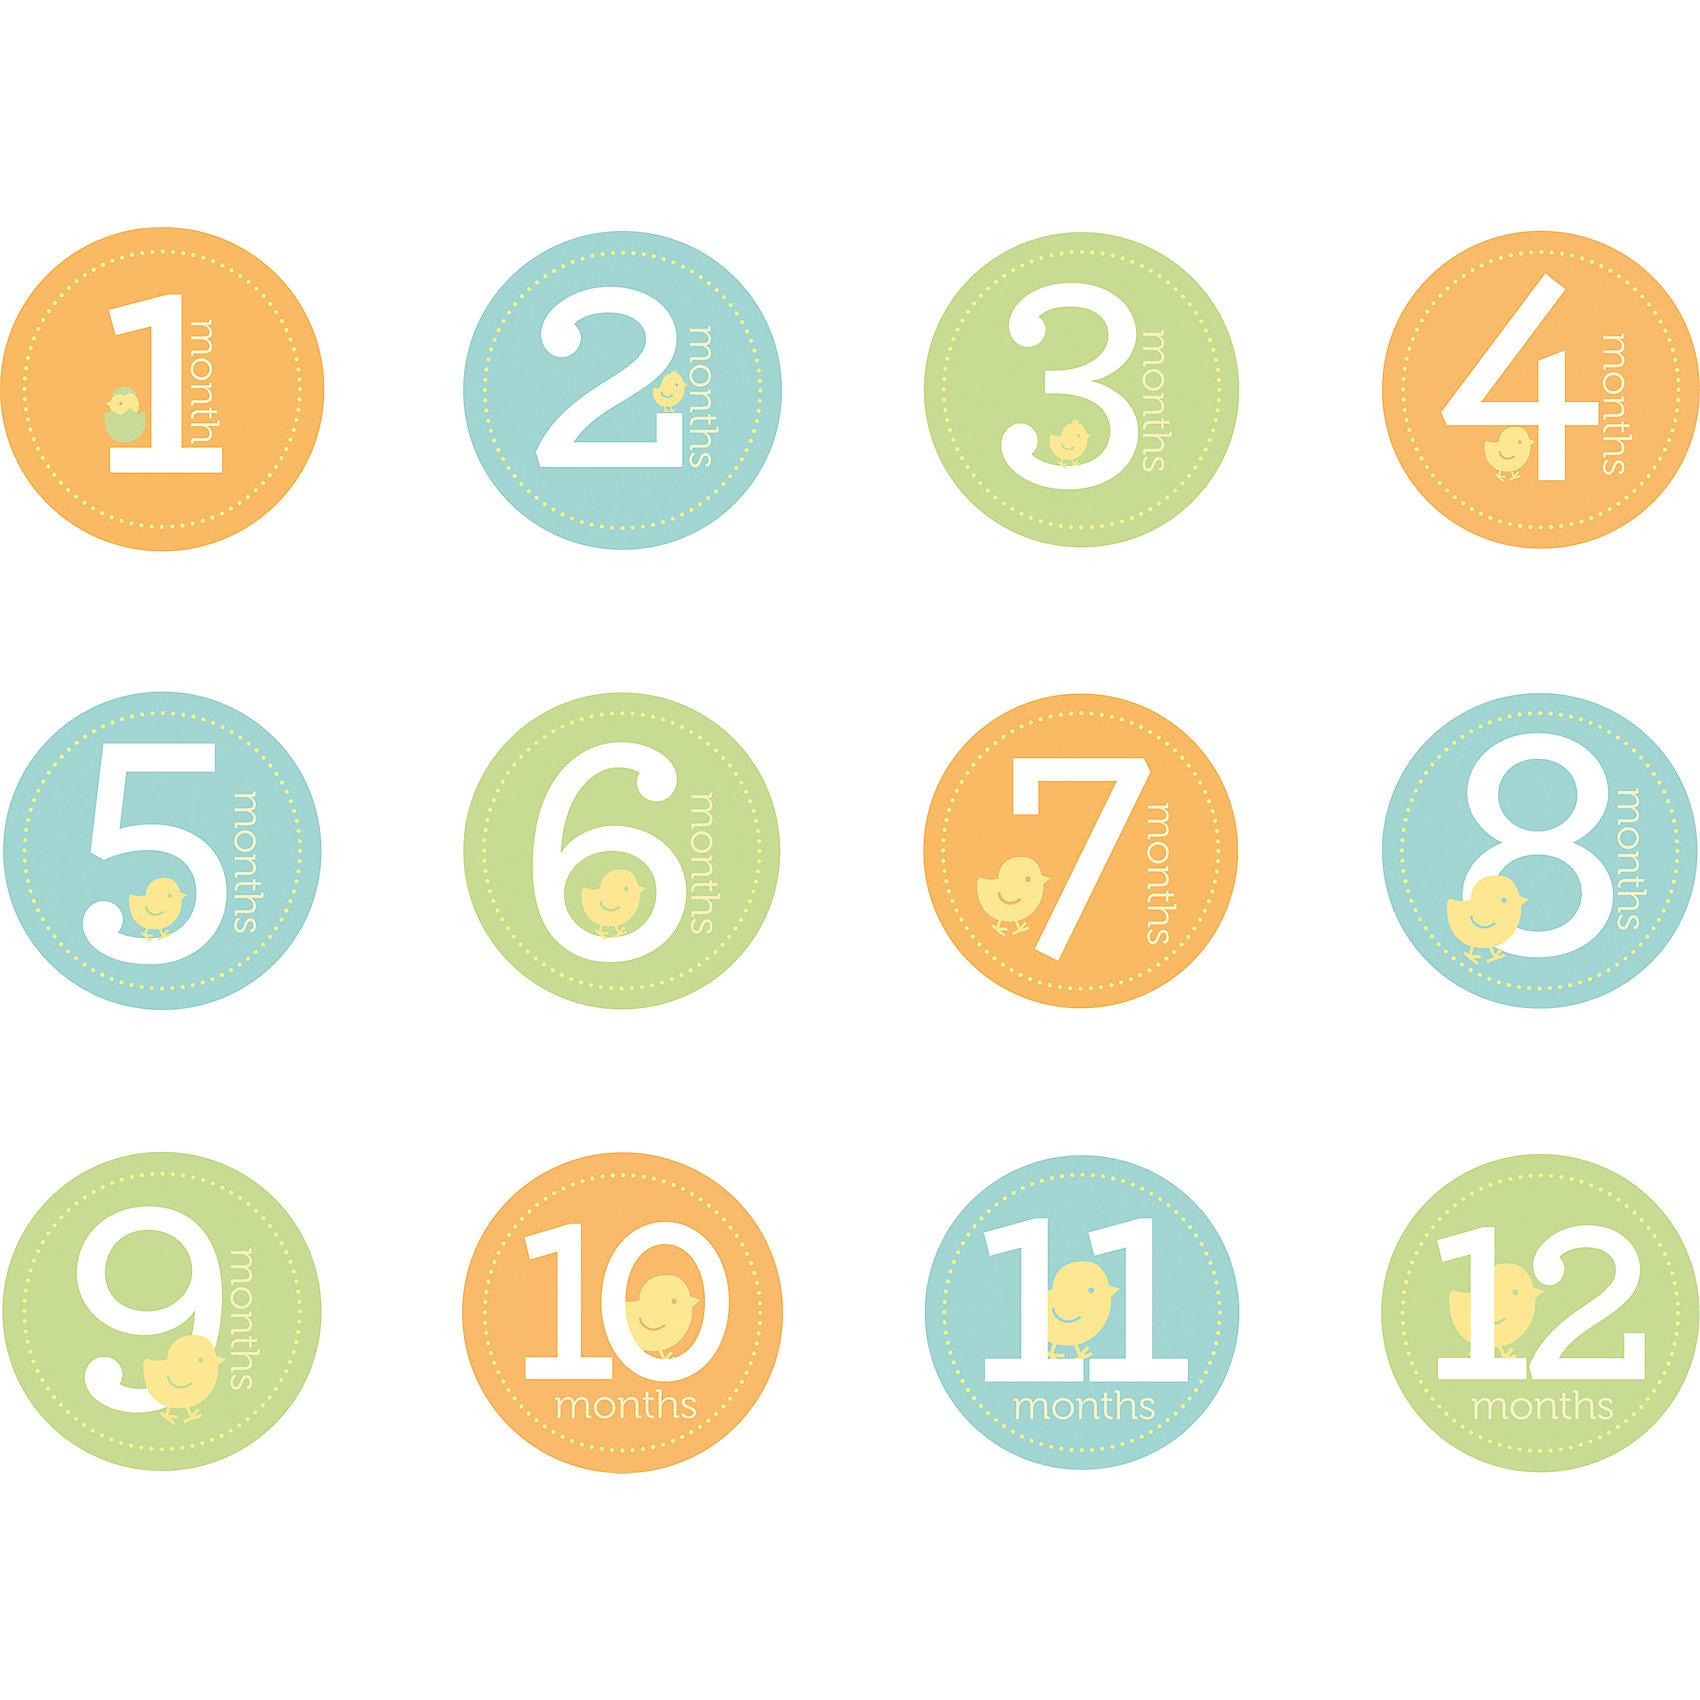 Стикеры от 1 до 12 мес, PearheadСоветчики для мам<br>Характеристики:<br><br>• Пол: универсальный<br>• Тематика рисунка: цифры<br>• Материал: бумага с клейкой стороной<br>• Комплектация: 12 стикеров с цифрами от 1 до 12<br>• Форма стикеров: круглая<br>• Диаметр стикеров: ?16 см<br>• Вес: 100 г <br>• Упаковка: картонная коробка<br><br>Стикеры от 1 до 12 мес, Pearhead от американского торгового бренда, который специализируется на создании подарочных наборов для новорожденных и их родителей. Набор включает в себя 12 круглых наклеек с изображенными на них цифрами от 1 до 12, выполненных в ярких цветах. Предназначены для наклеивания на одежду. <br><br>Стикеры выполнены из бумаги с клейкой основой, которая не оставляет следа на одежде, при этом надежно на ней крепится. Наклейки-стикеры позволят красочно, ярко и оригинально запечатлеть самые важные моменты первого года жизни вашего малыша. <br><br>Стикеры от 1 до 12 мес, Pearhead можно купить в нашем интернет-магазине.<br><br>Ширина мм: 180<br>Глубина мм: 15<br>Высота мм: 150<br>Вес г: 125<br>Возраст от месяцев: 0<br>Возраст до месяцев: 84<br>Пол: Унисекс<br>Возраст: Детский<br>SKU: 5482420